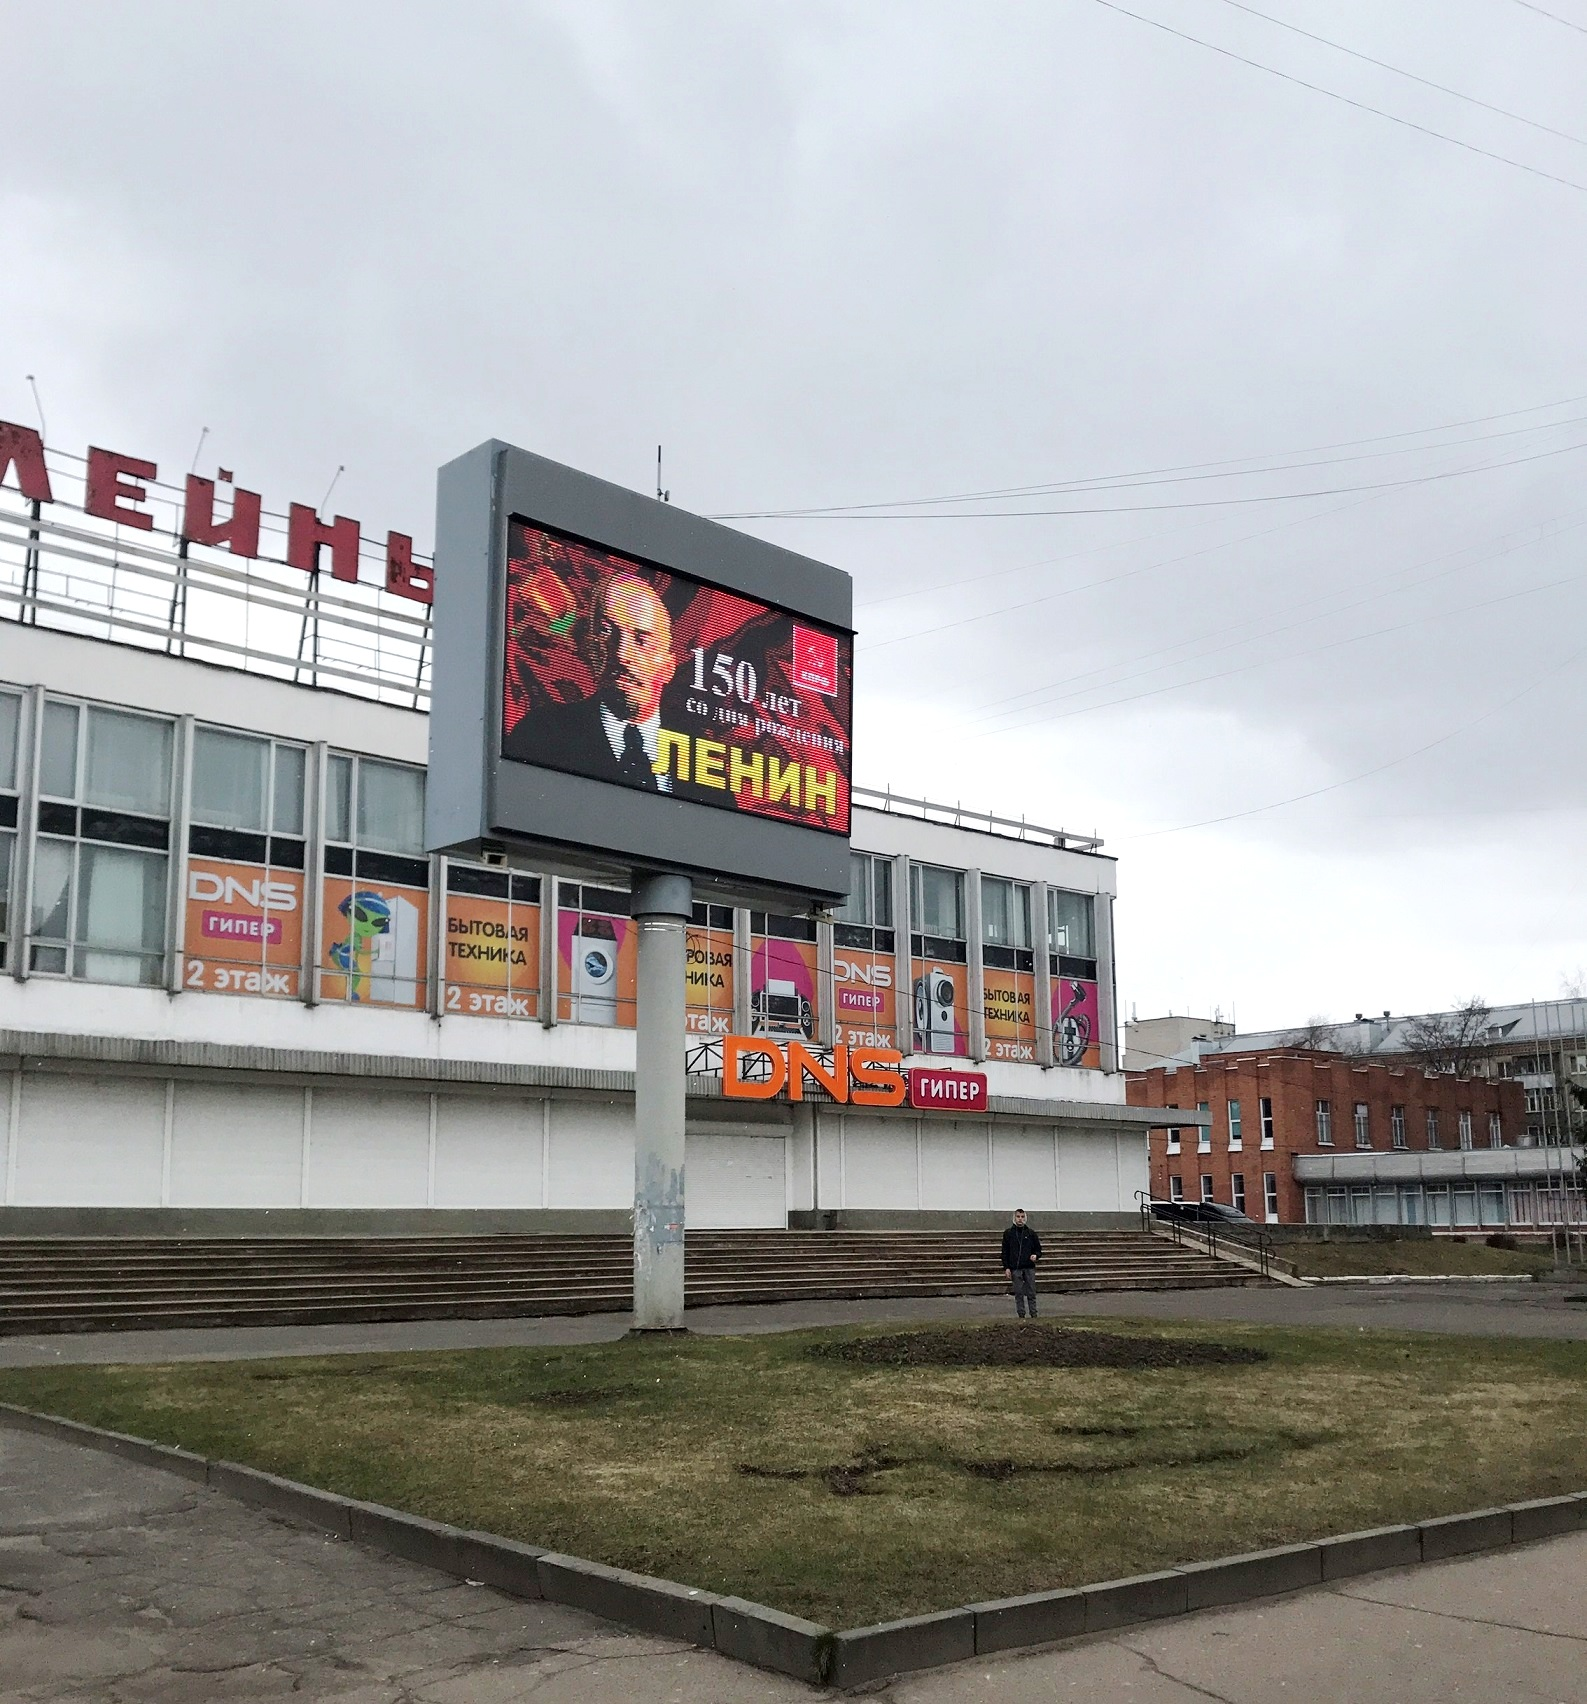 Рыбинские коммунисты отметят 150-летие со дня рождения Ленина